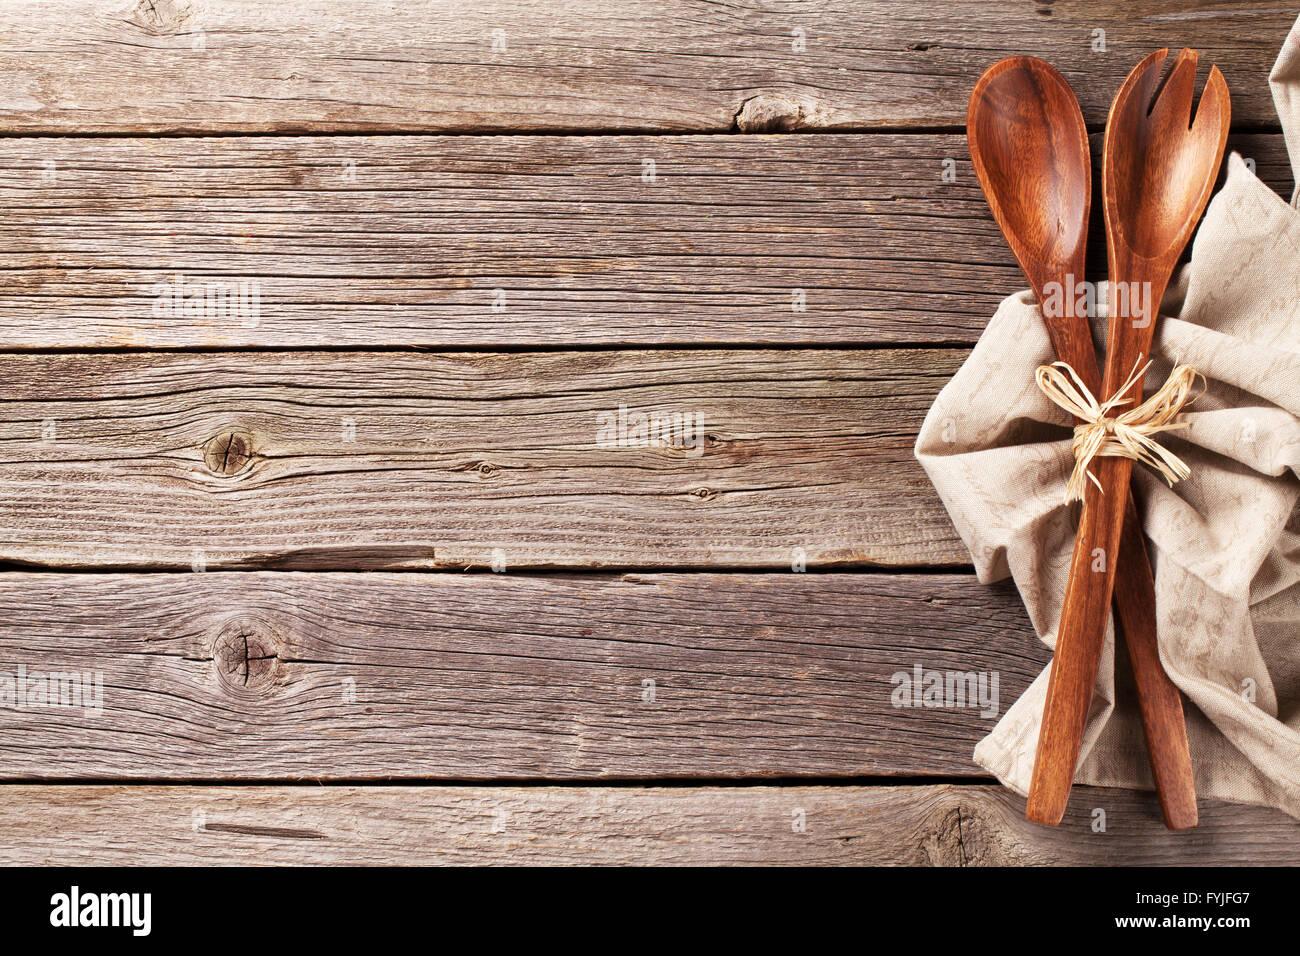 Küchengerät über Holztisch Hintergrund. Ansicht von oben mit Textfreiraum Stockbild